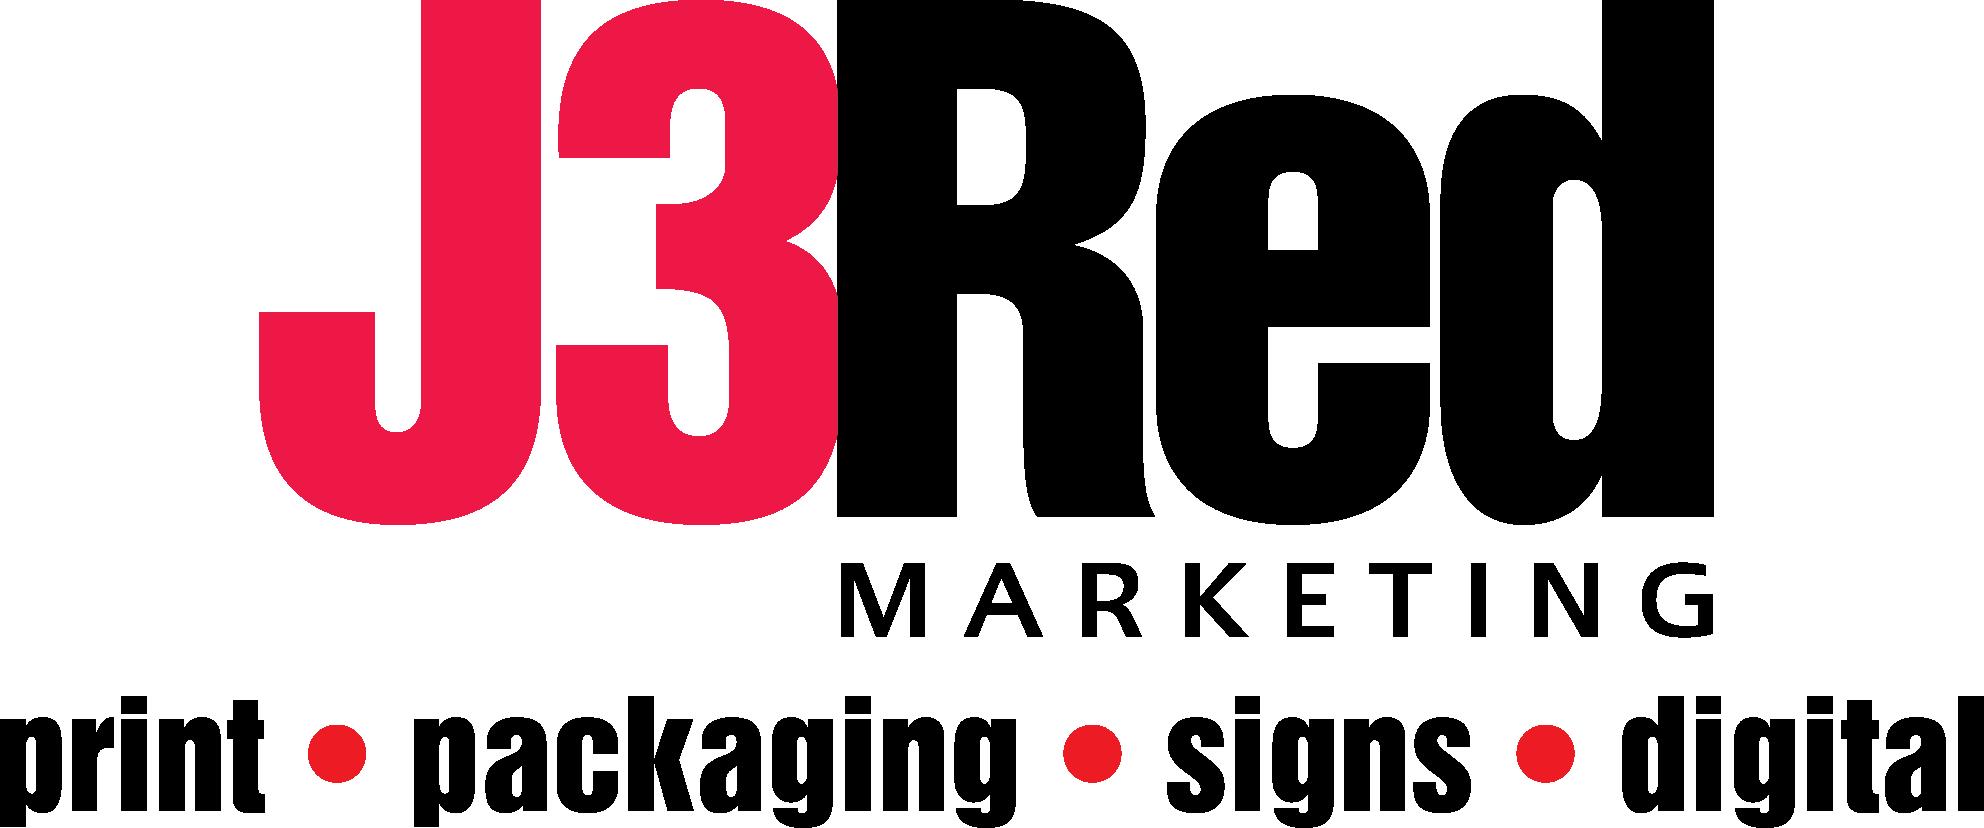 J3Red Marketing_04-2019_LOGO.png